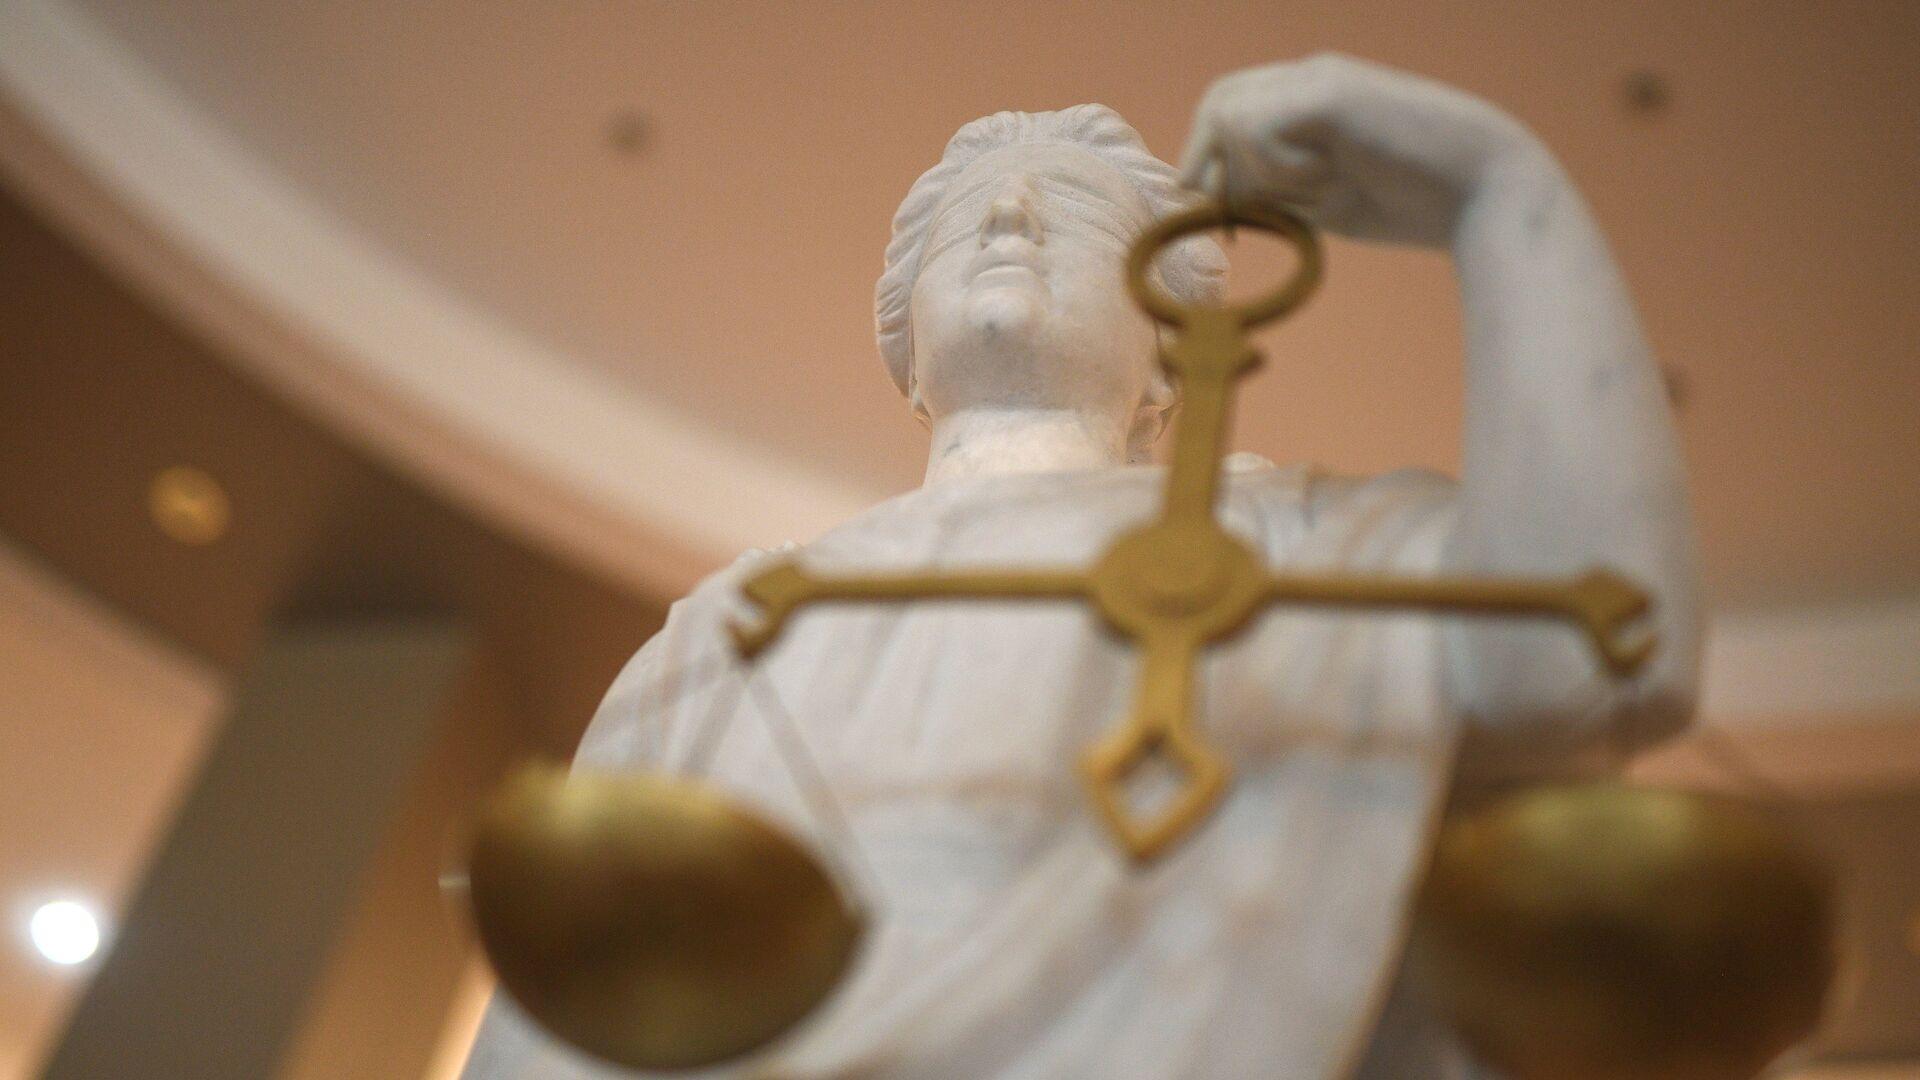 Статуя Фемиды в суде - РИА Новости, 1920, 11.12.2020